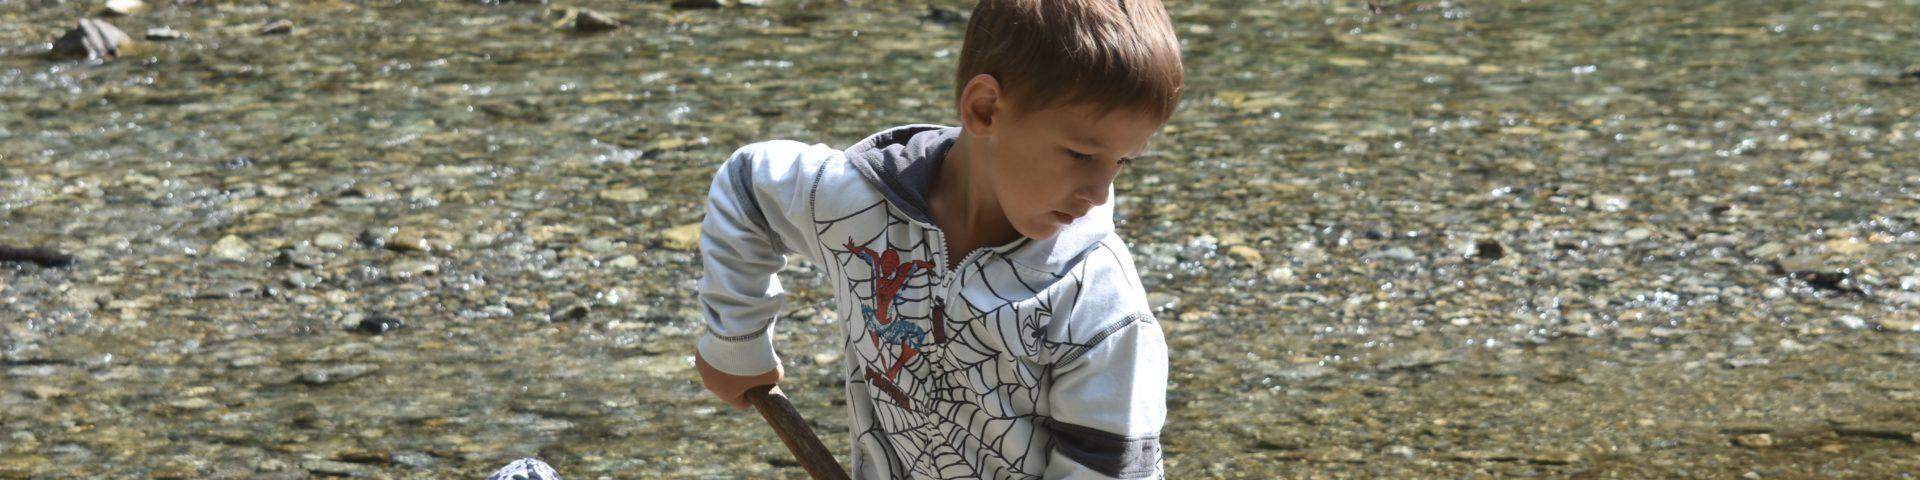 Kindheit Früher Vs Kindheit Heute 3 Fach Jungsmami